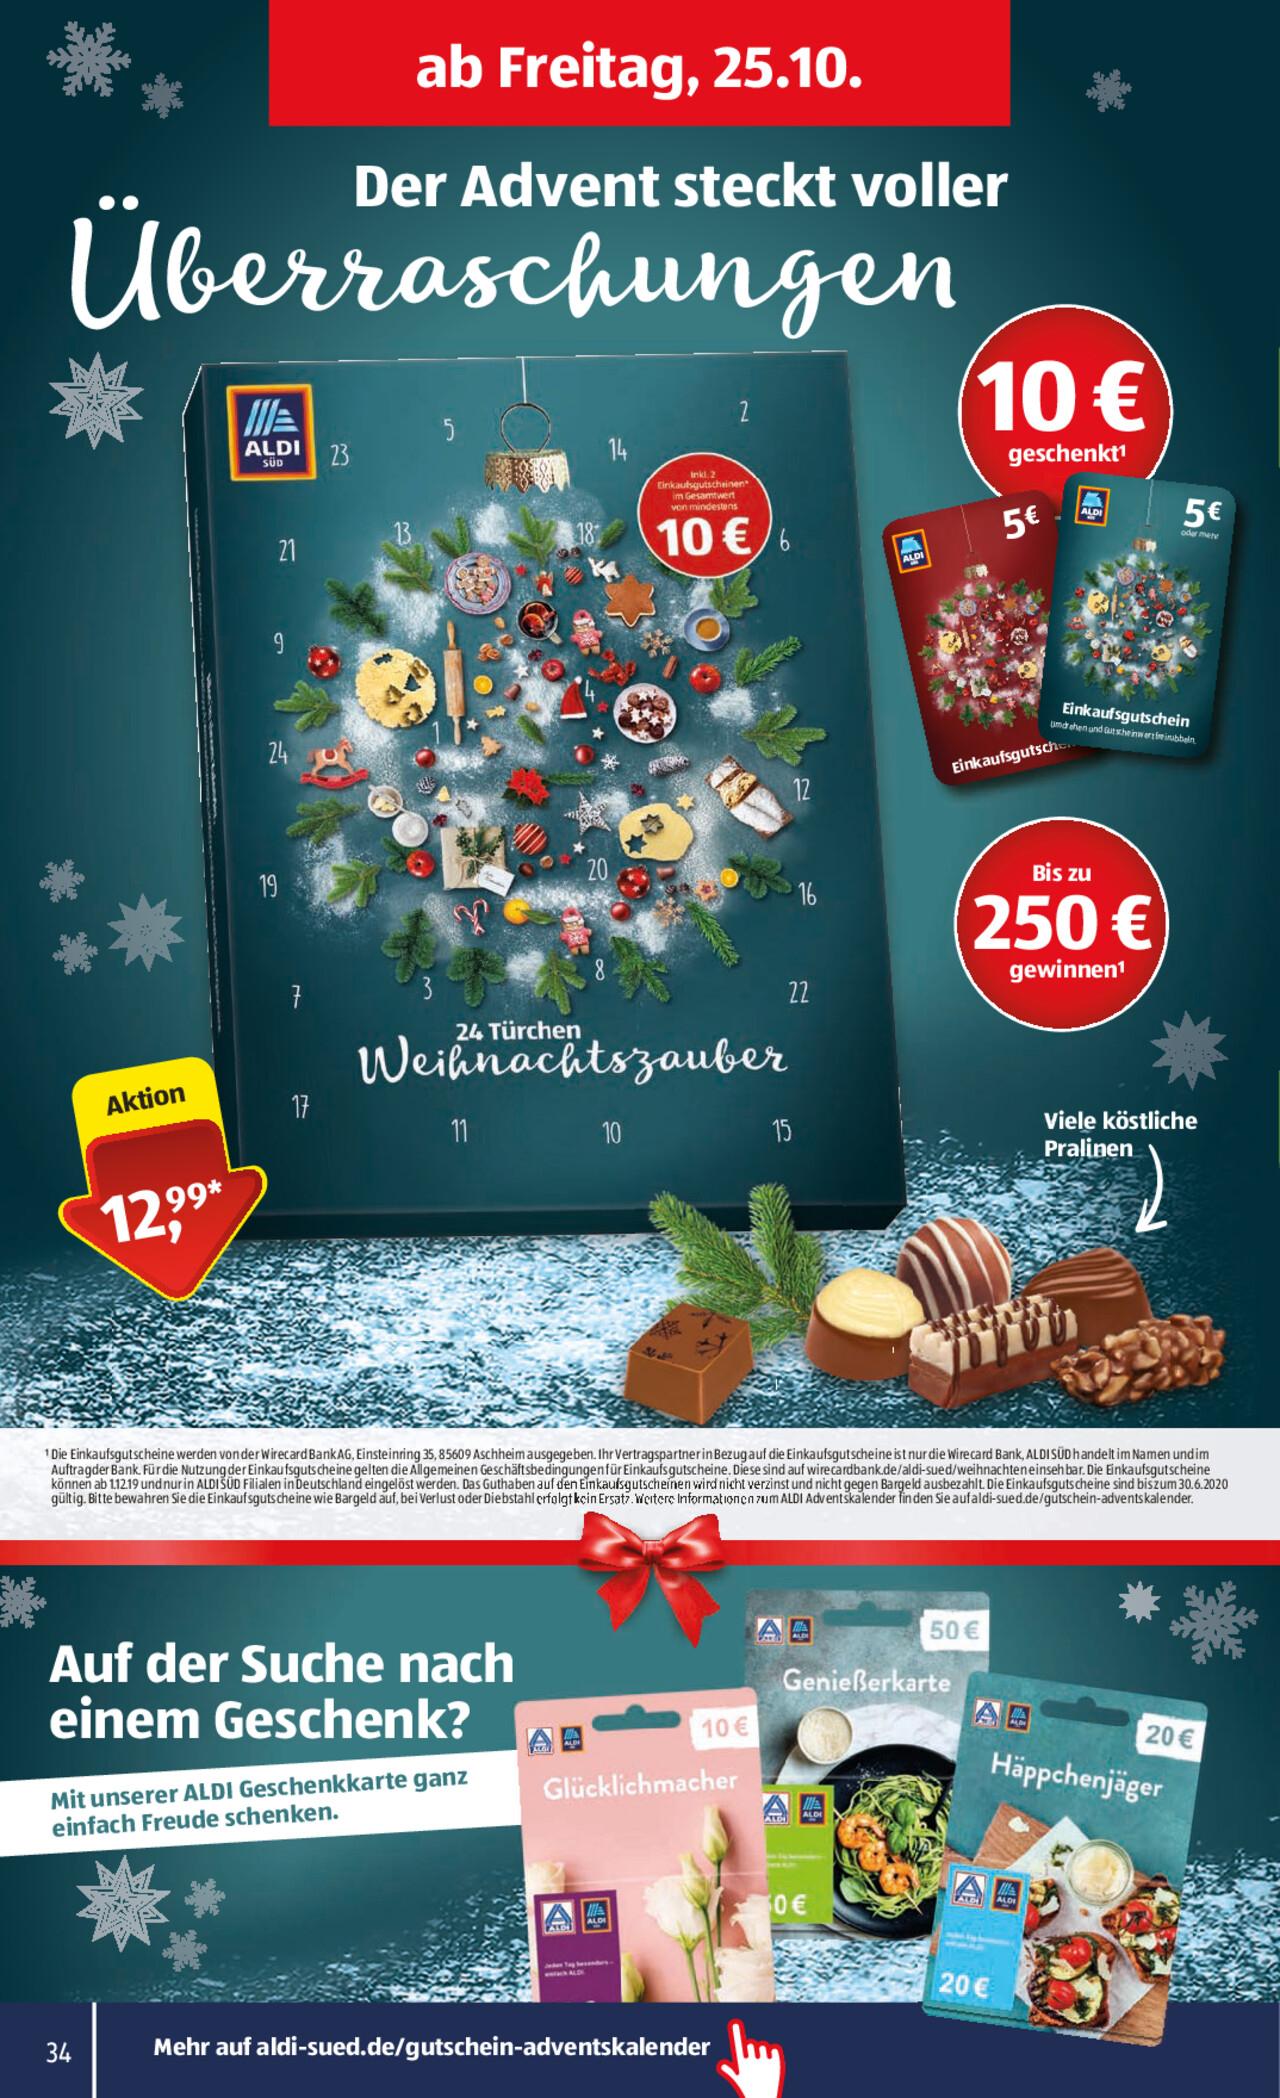 Aldi Weihnachtsdeko.Aldi Bundesweit Adventskalender Mit Mindestens 10